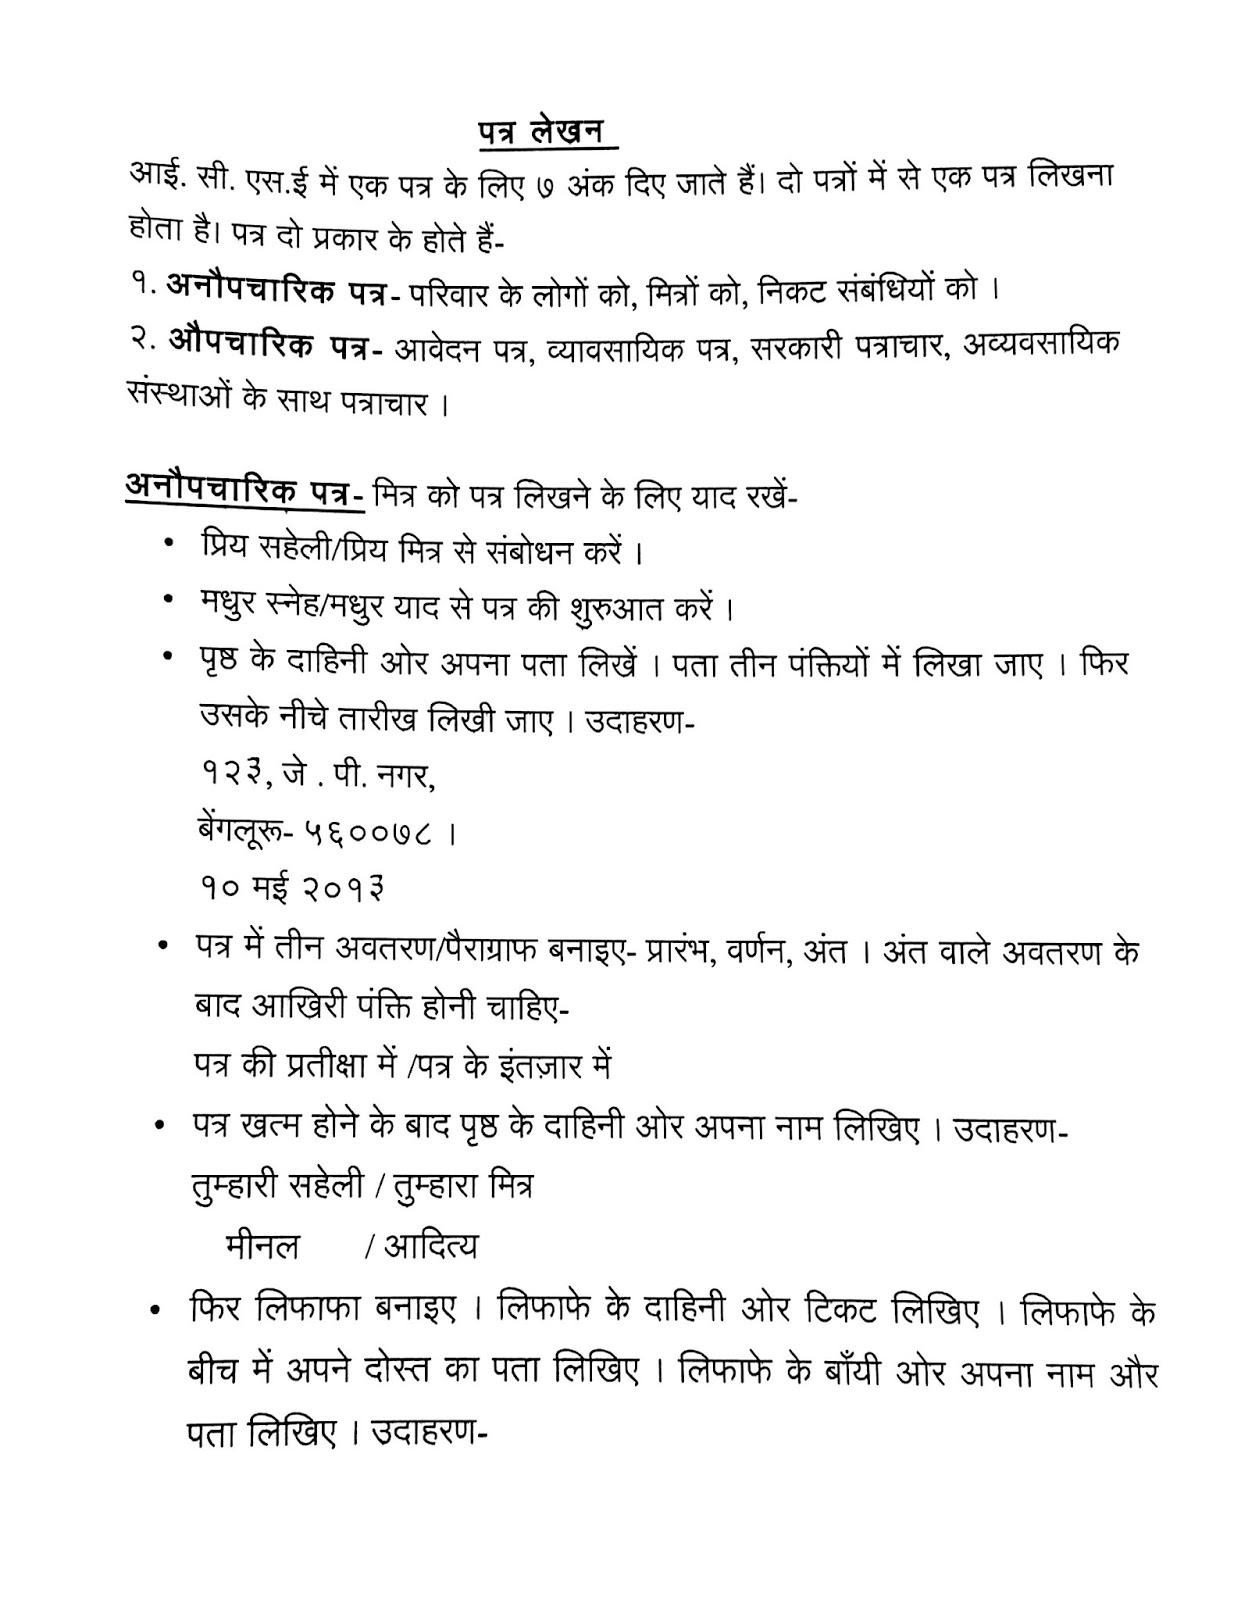 Jumbled Sentences Cbse Class 8 - Rajasthan Board e [ 1600 x 1234 Pixel ]